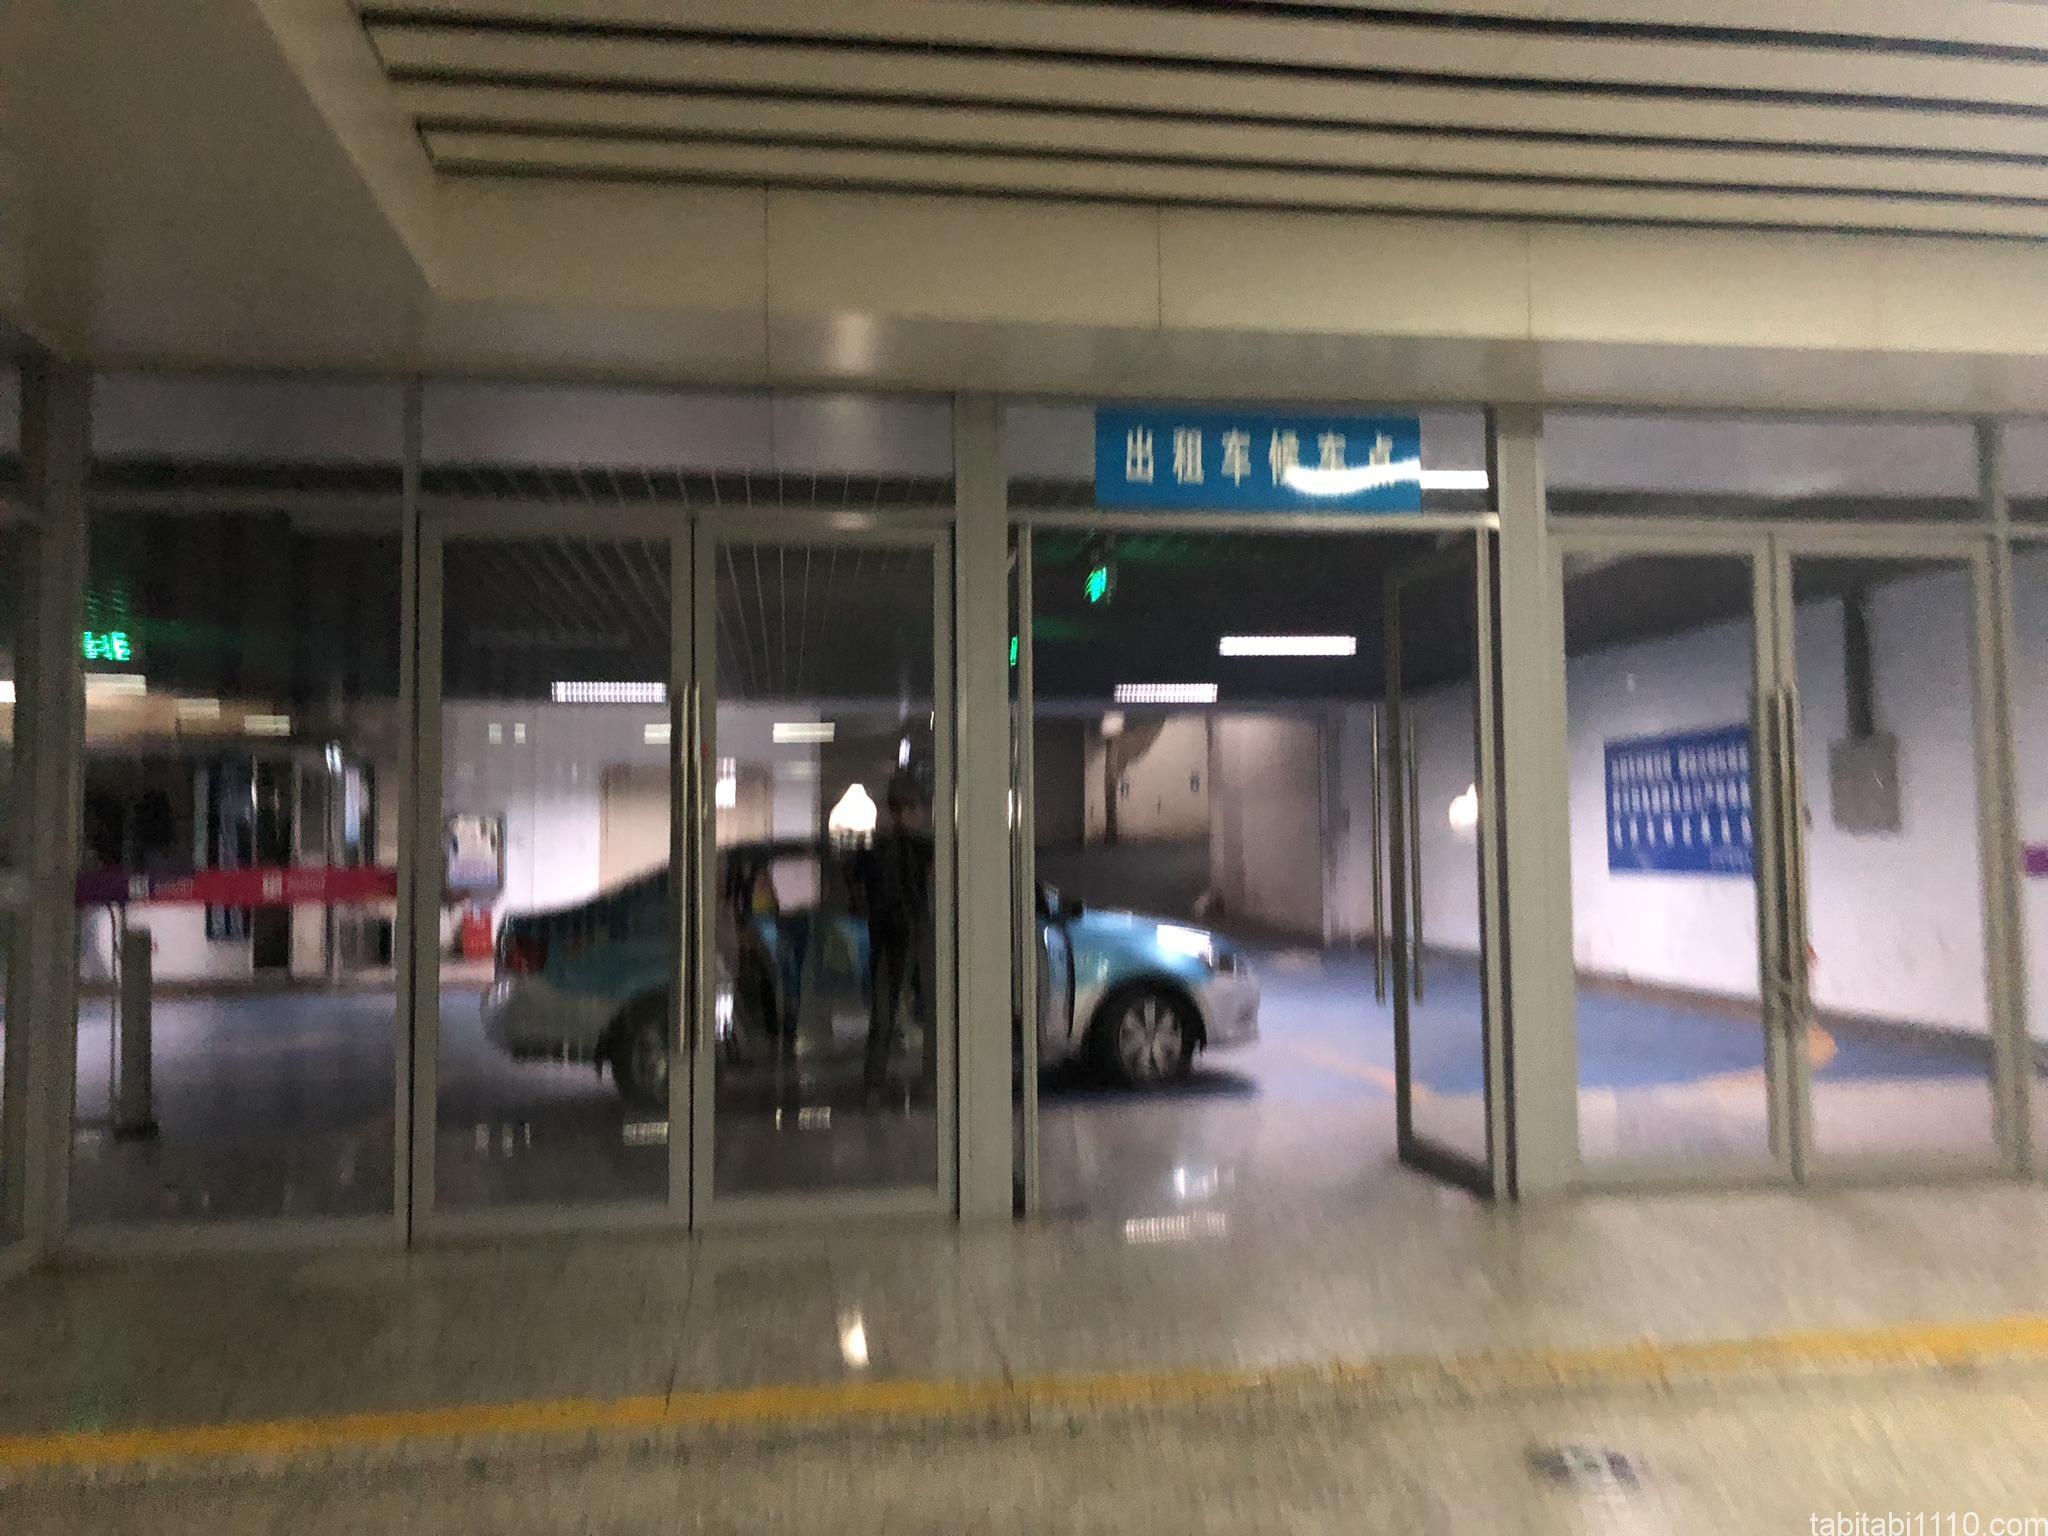 長沙西バスターミナルのタクシー乗り場